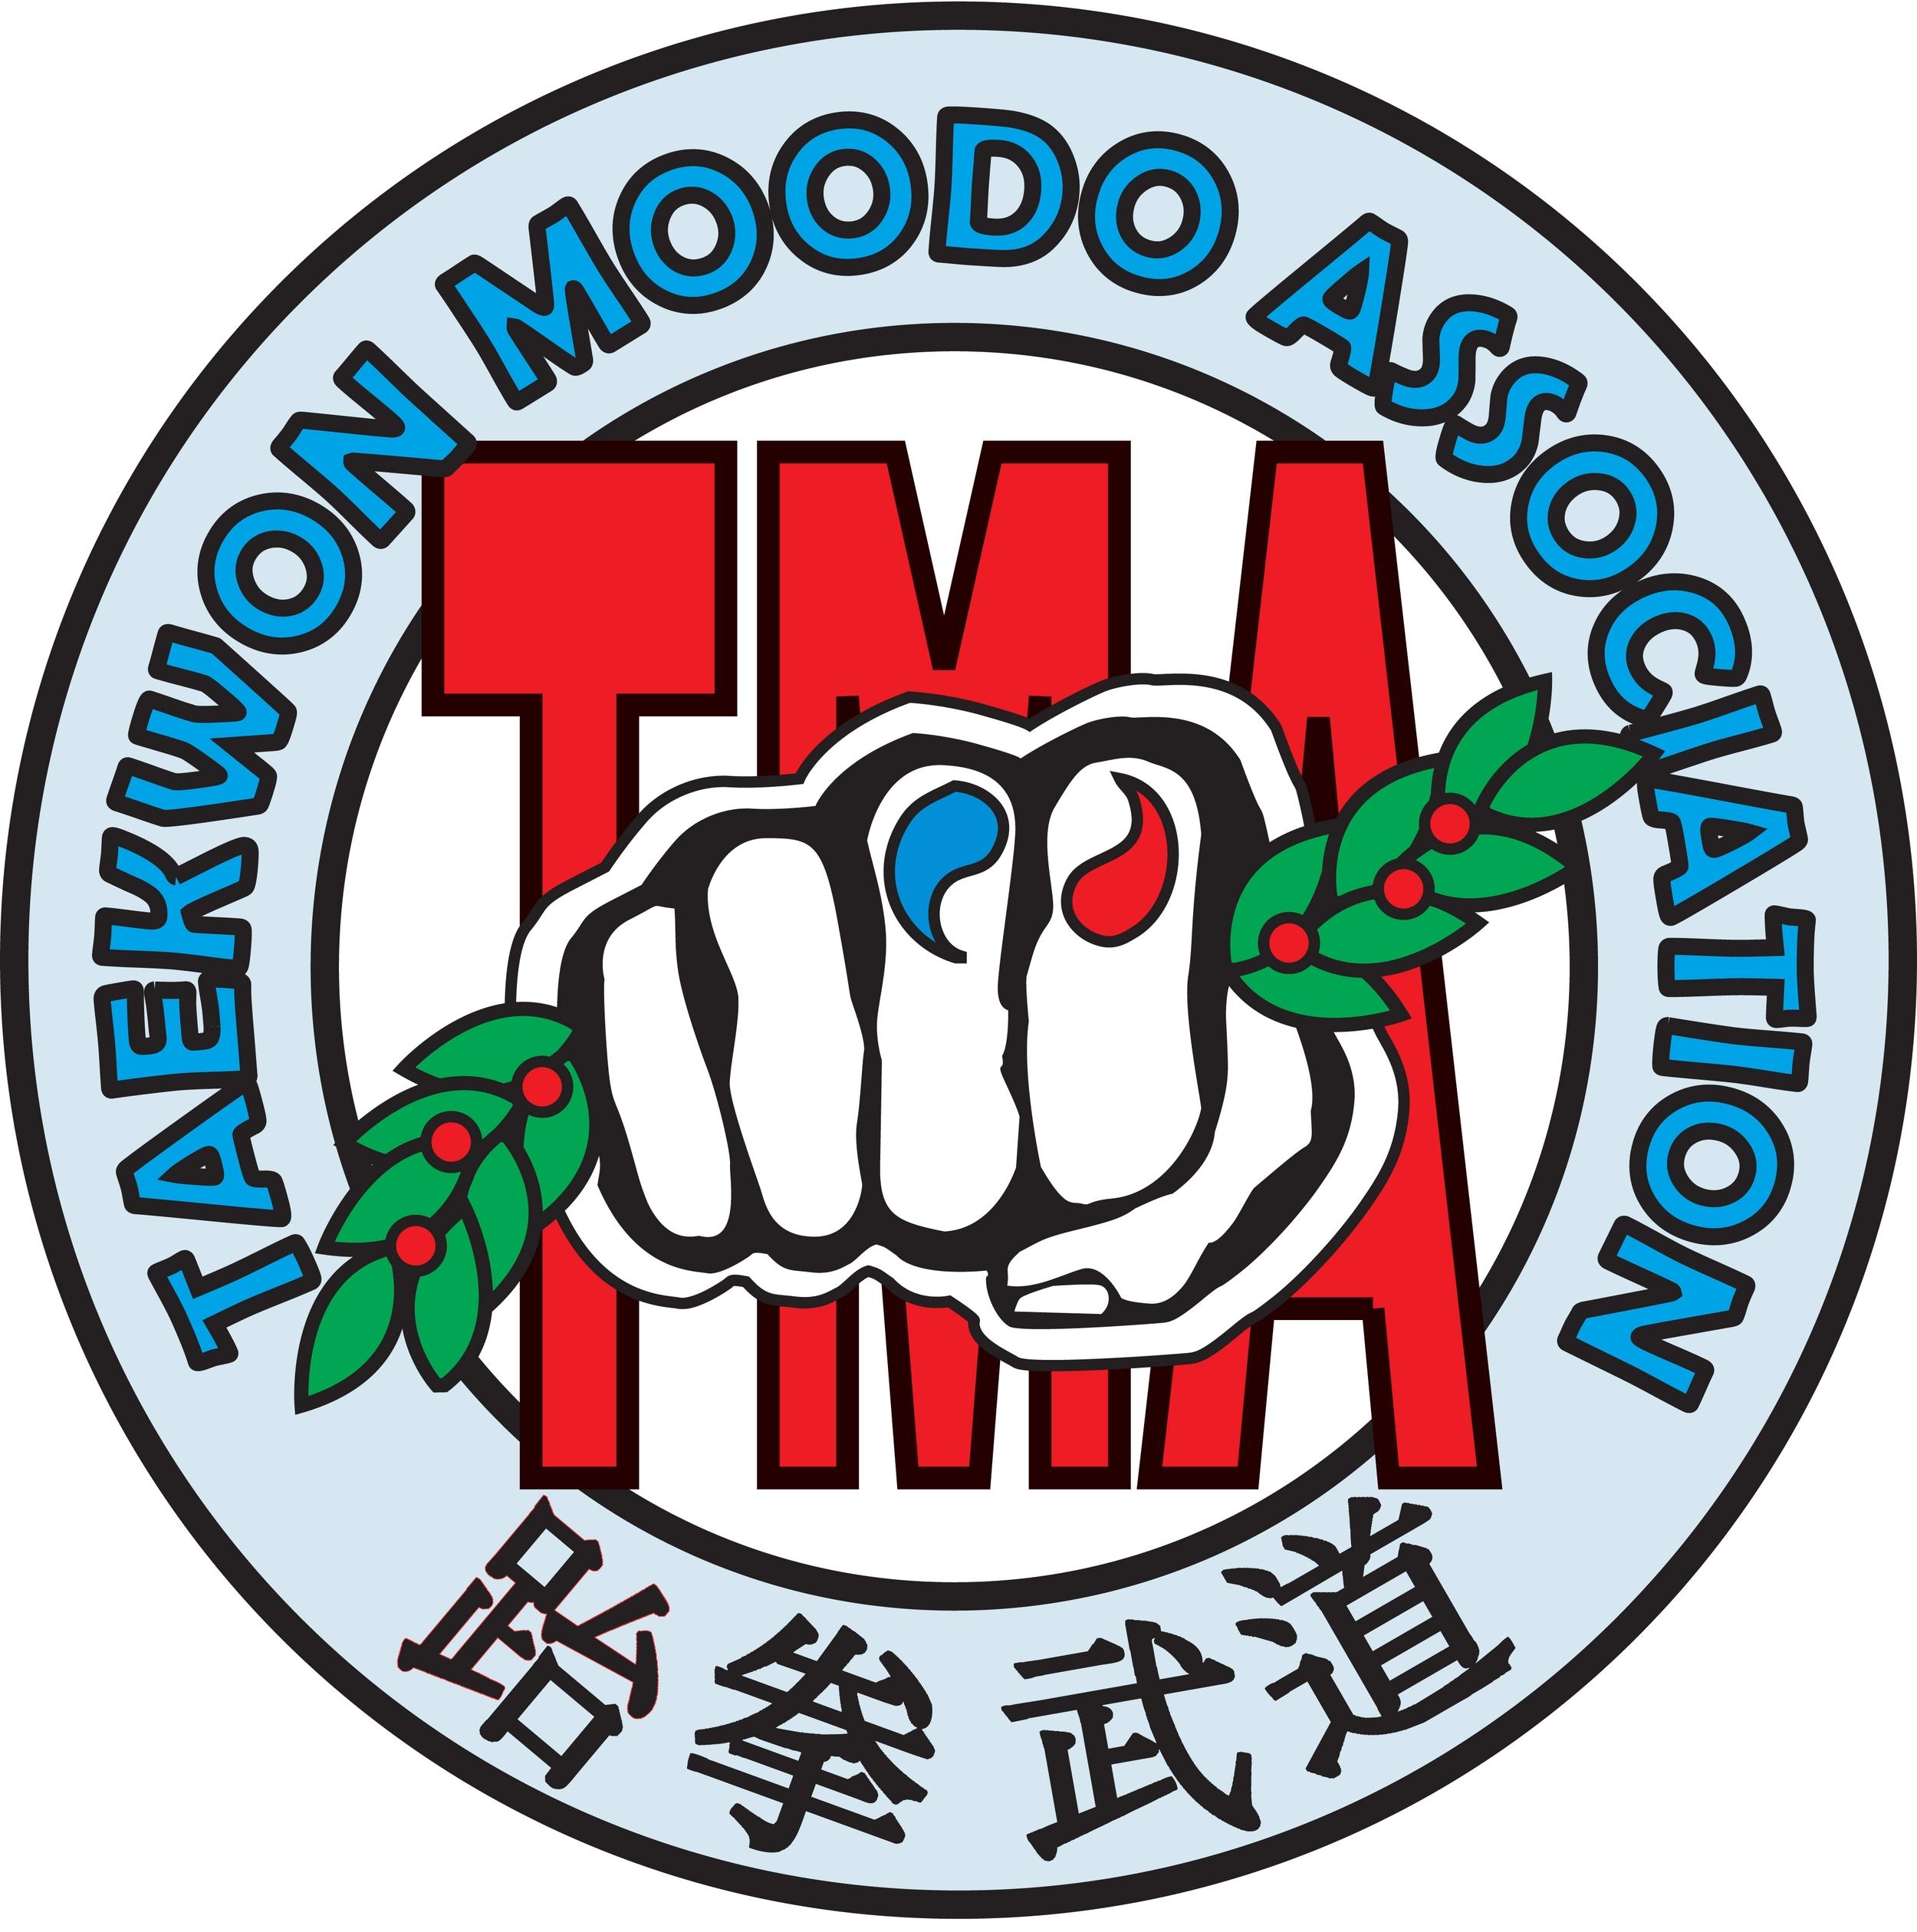 Taekwon Moodo Association